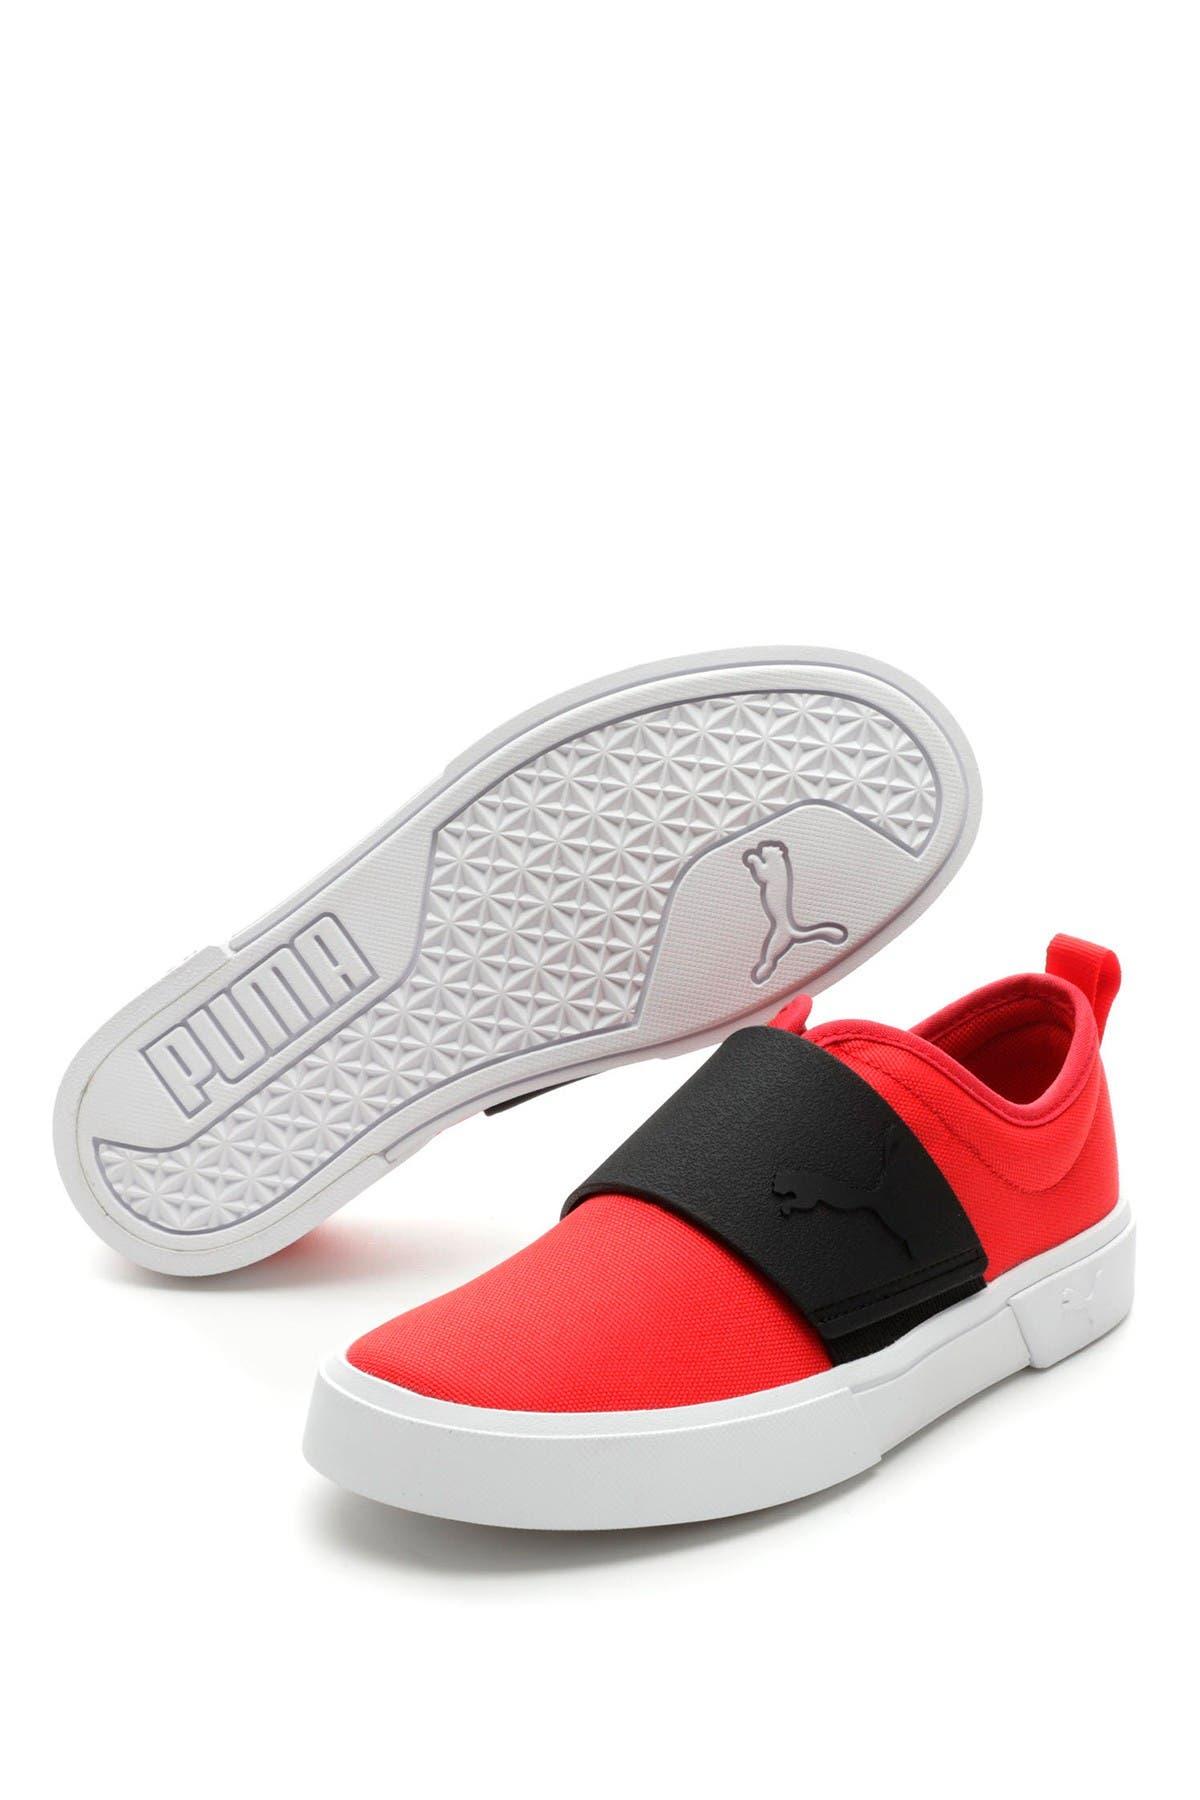 Image of PUMA El Rey II Slip-On Sneaker